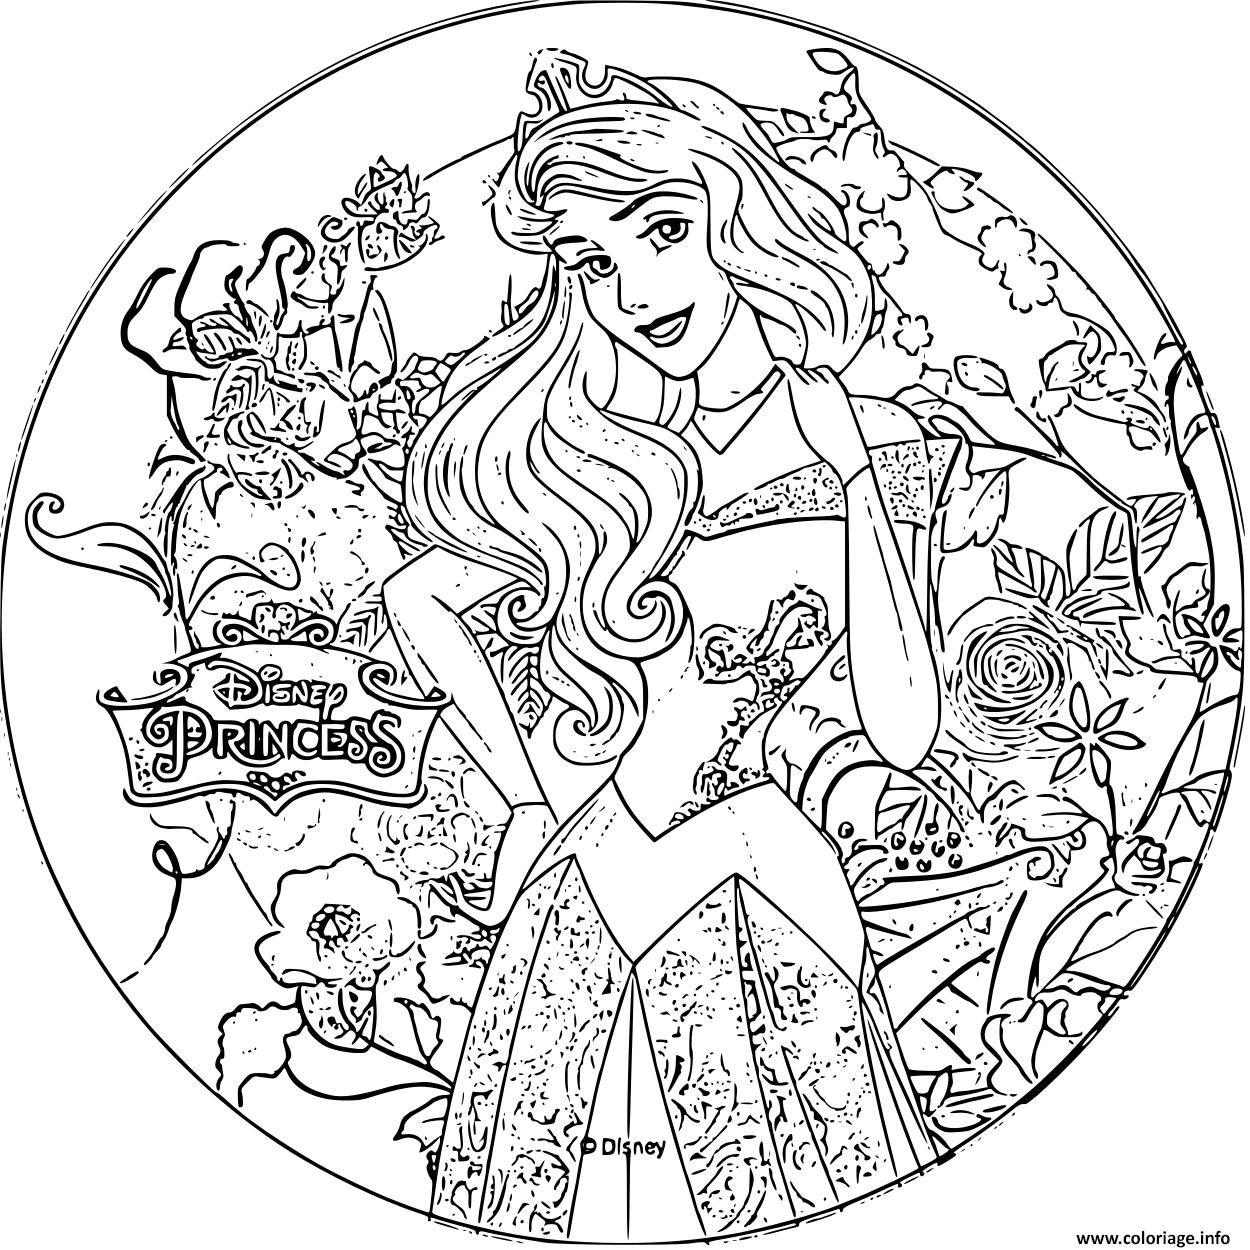 Coloriage disney princesse aurore - JeColorie.com